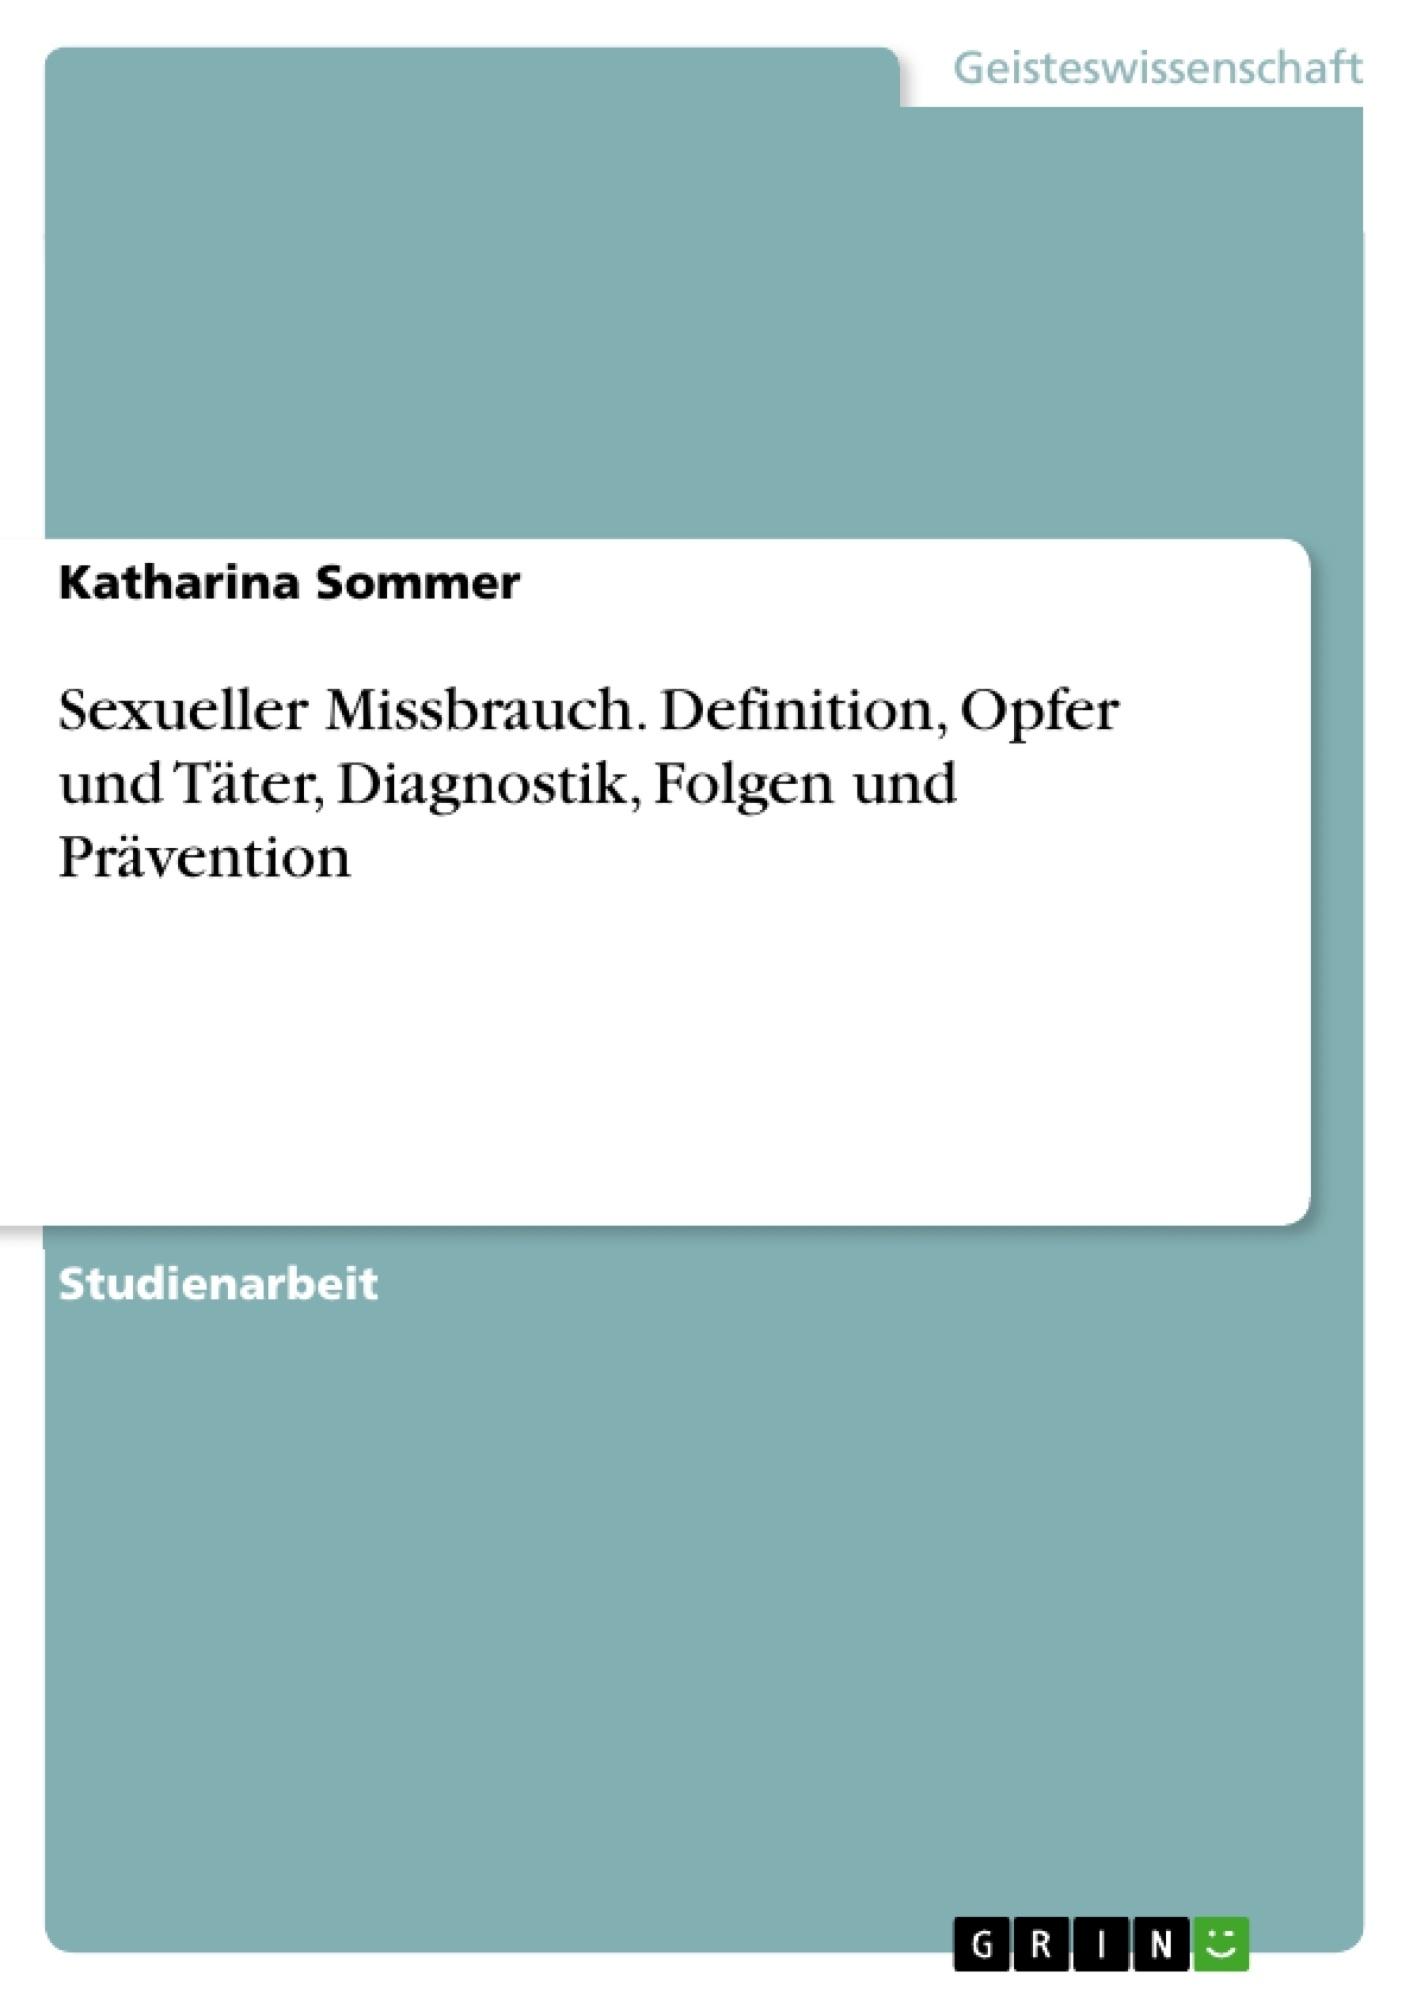 Titel: Sexueller Missbrauch. Definition, Opfer und Täter, Diagnostik, Folgen und Prävention